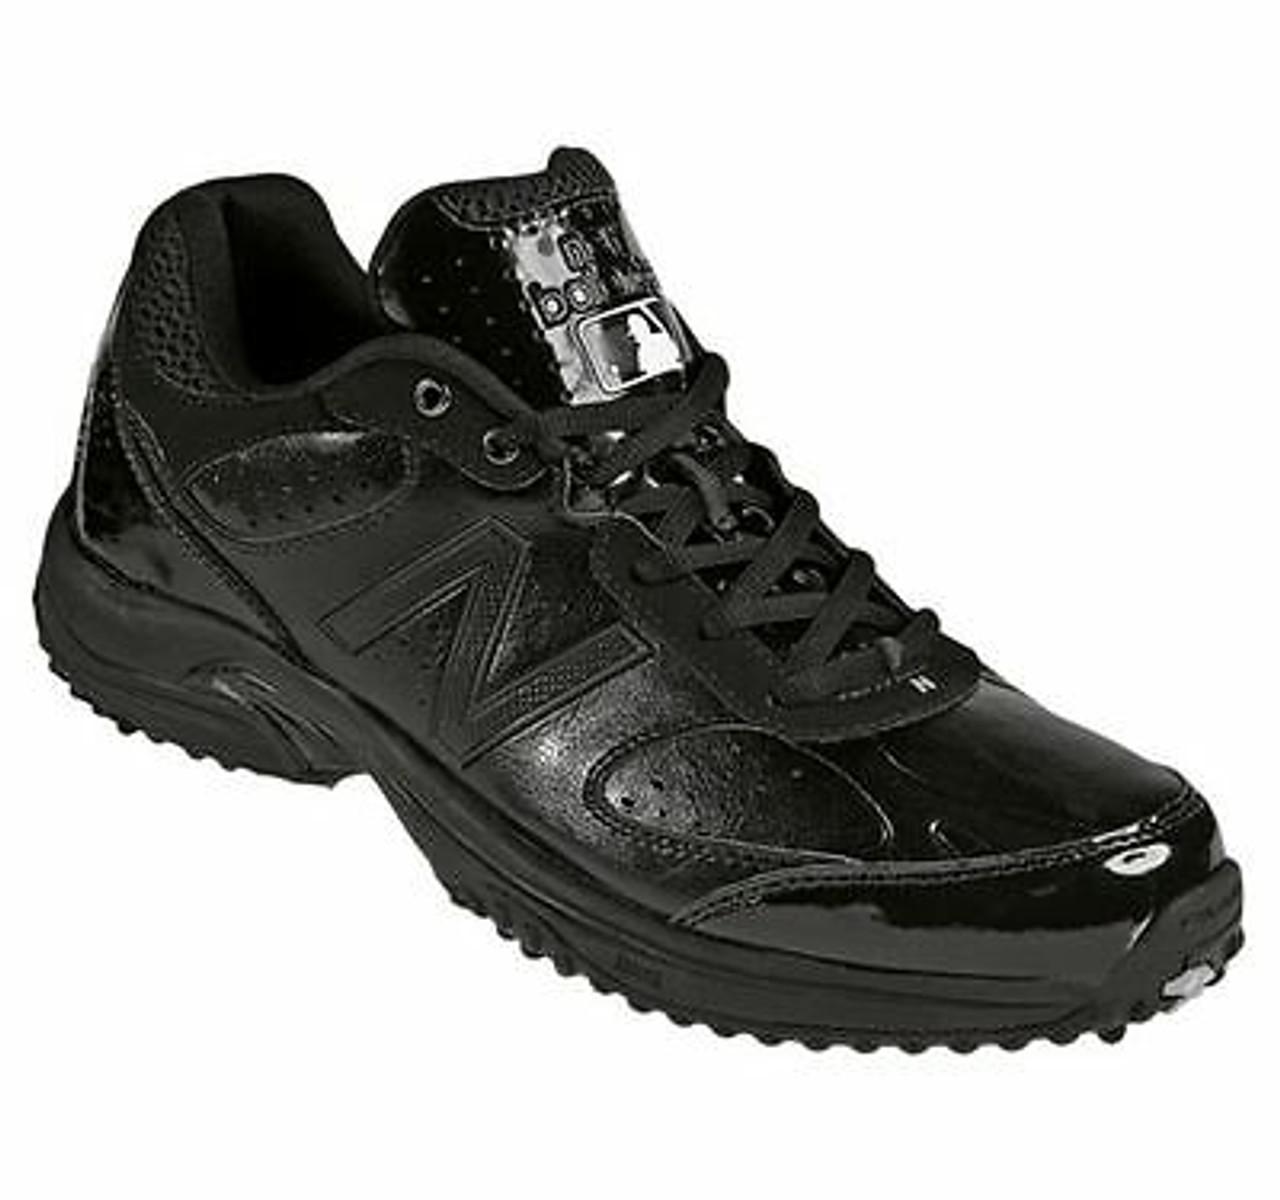 New Balance MU950LK Umpire Base Shoes